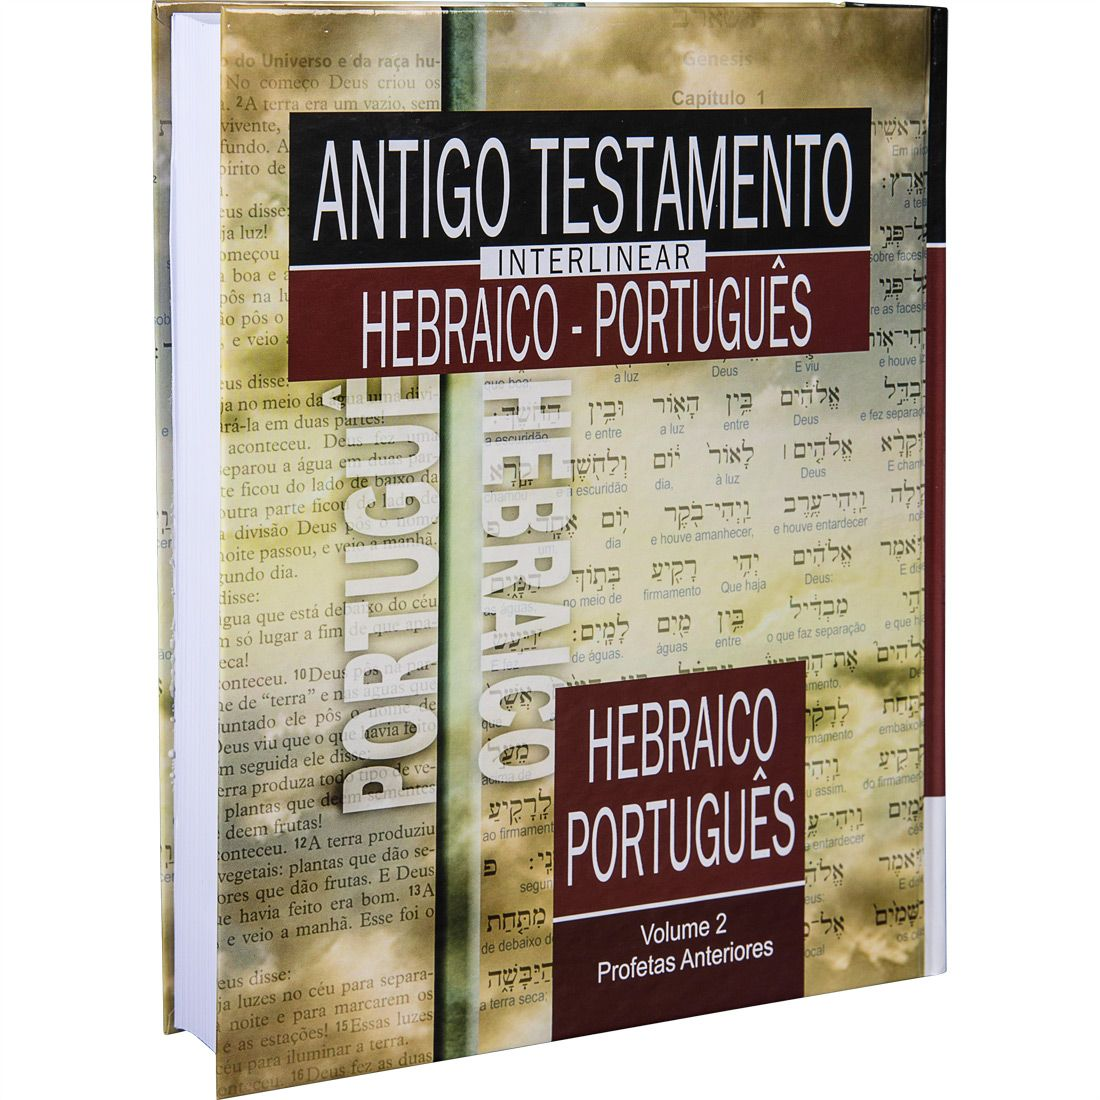 Antigo Testamento Interlinear - Hebraico E Português